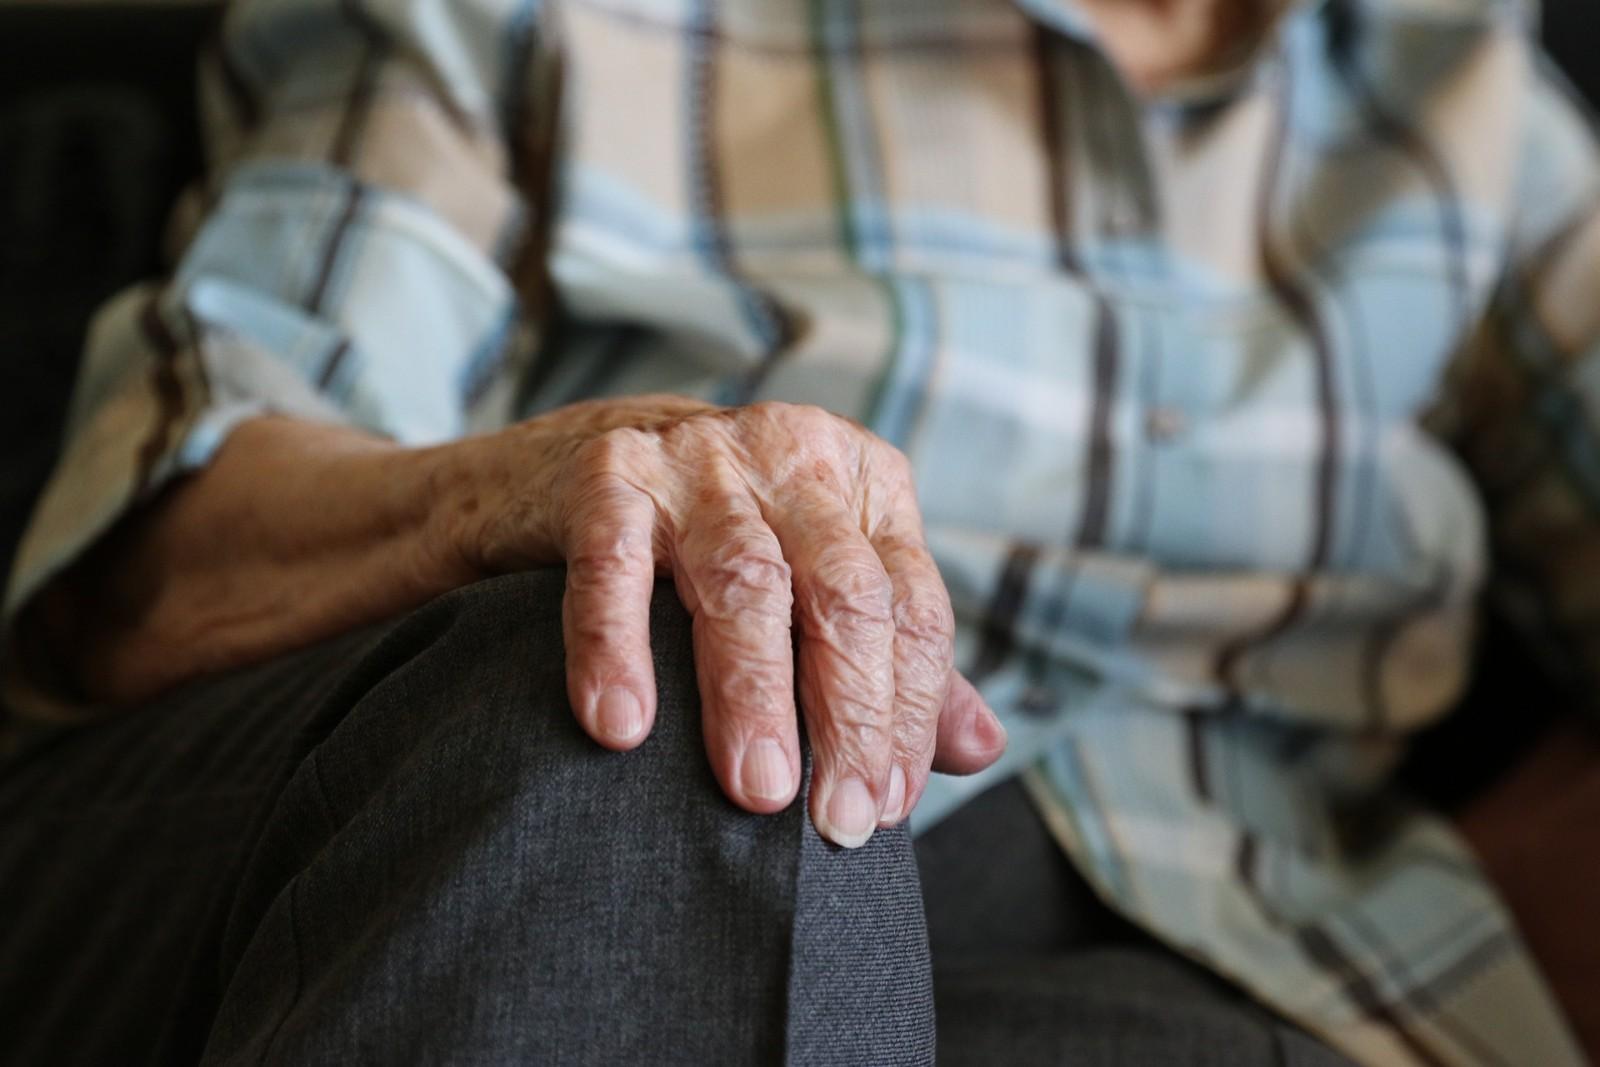 Za uskrsnice umirovljenicima isplaćeno pola milijuna kuna